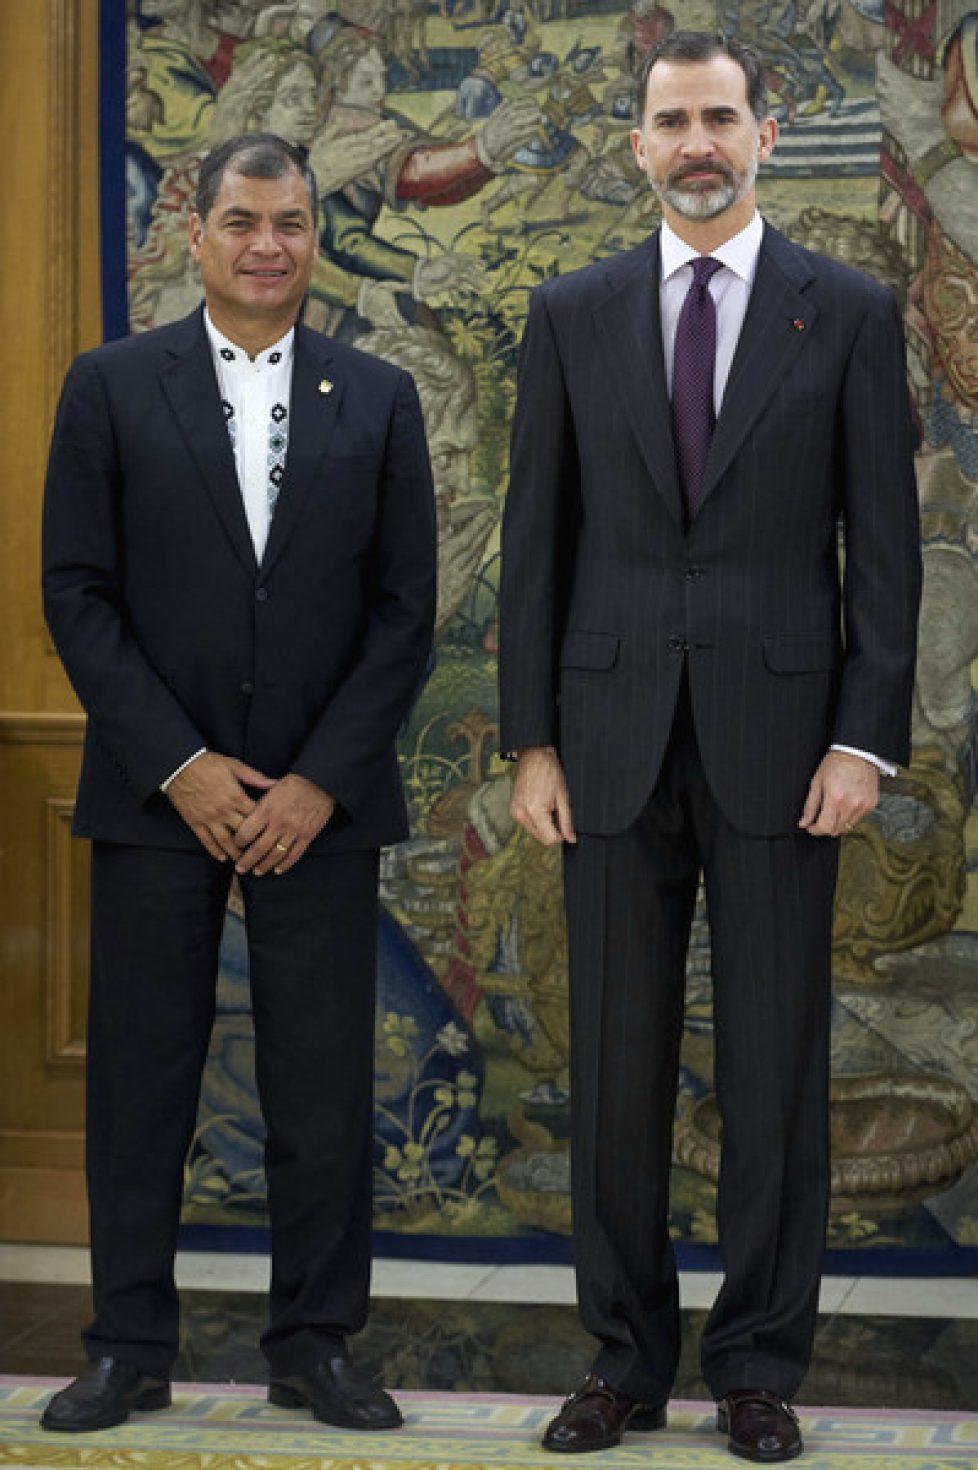 King+Felipe+Spain+Meets+President+Ecuador+n5gEda0Gl94l